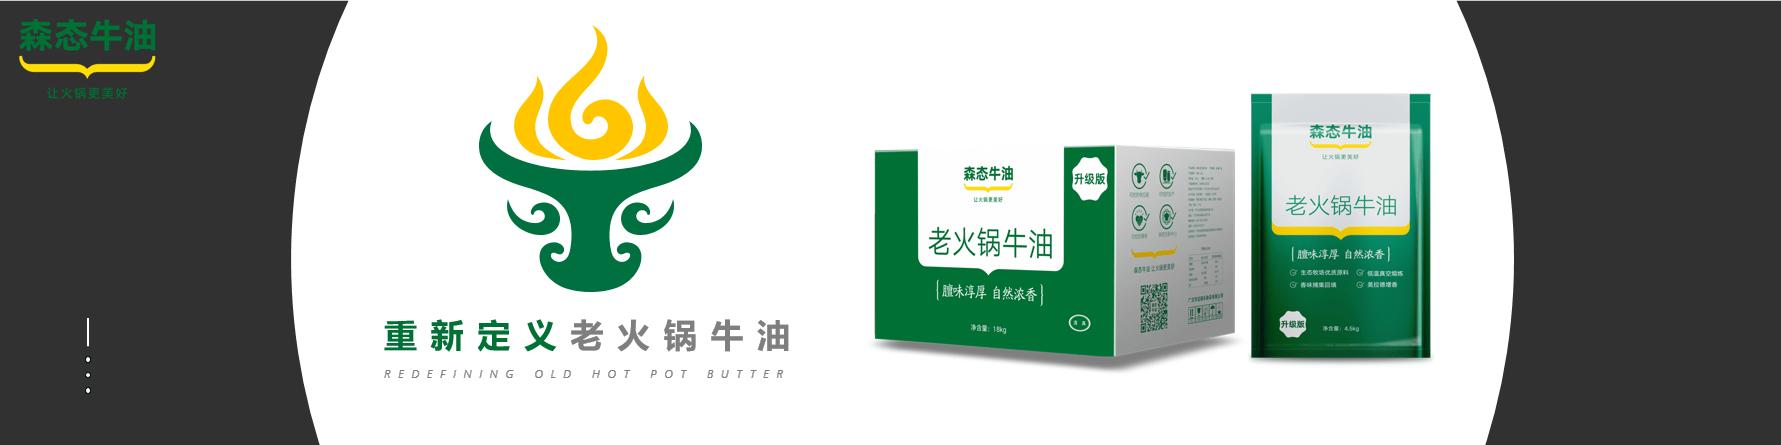 2020中国火锅产业大会在沪圆满收官——森态牛油引领火锅新风尚插图(12)